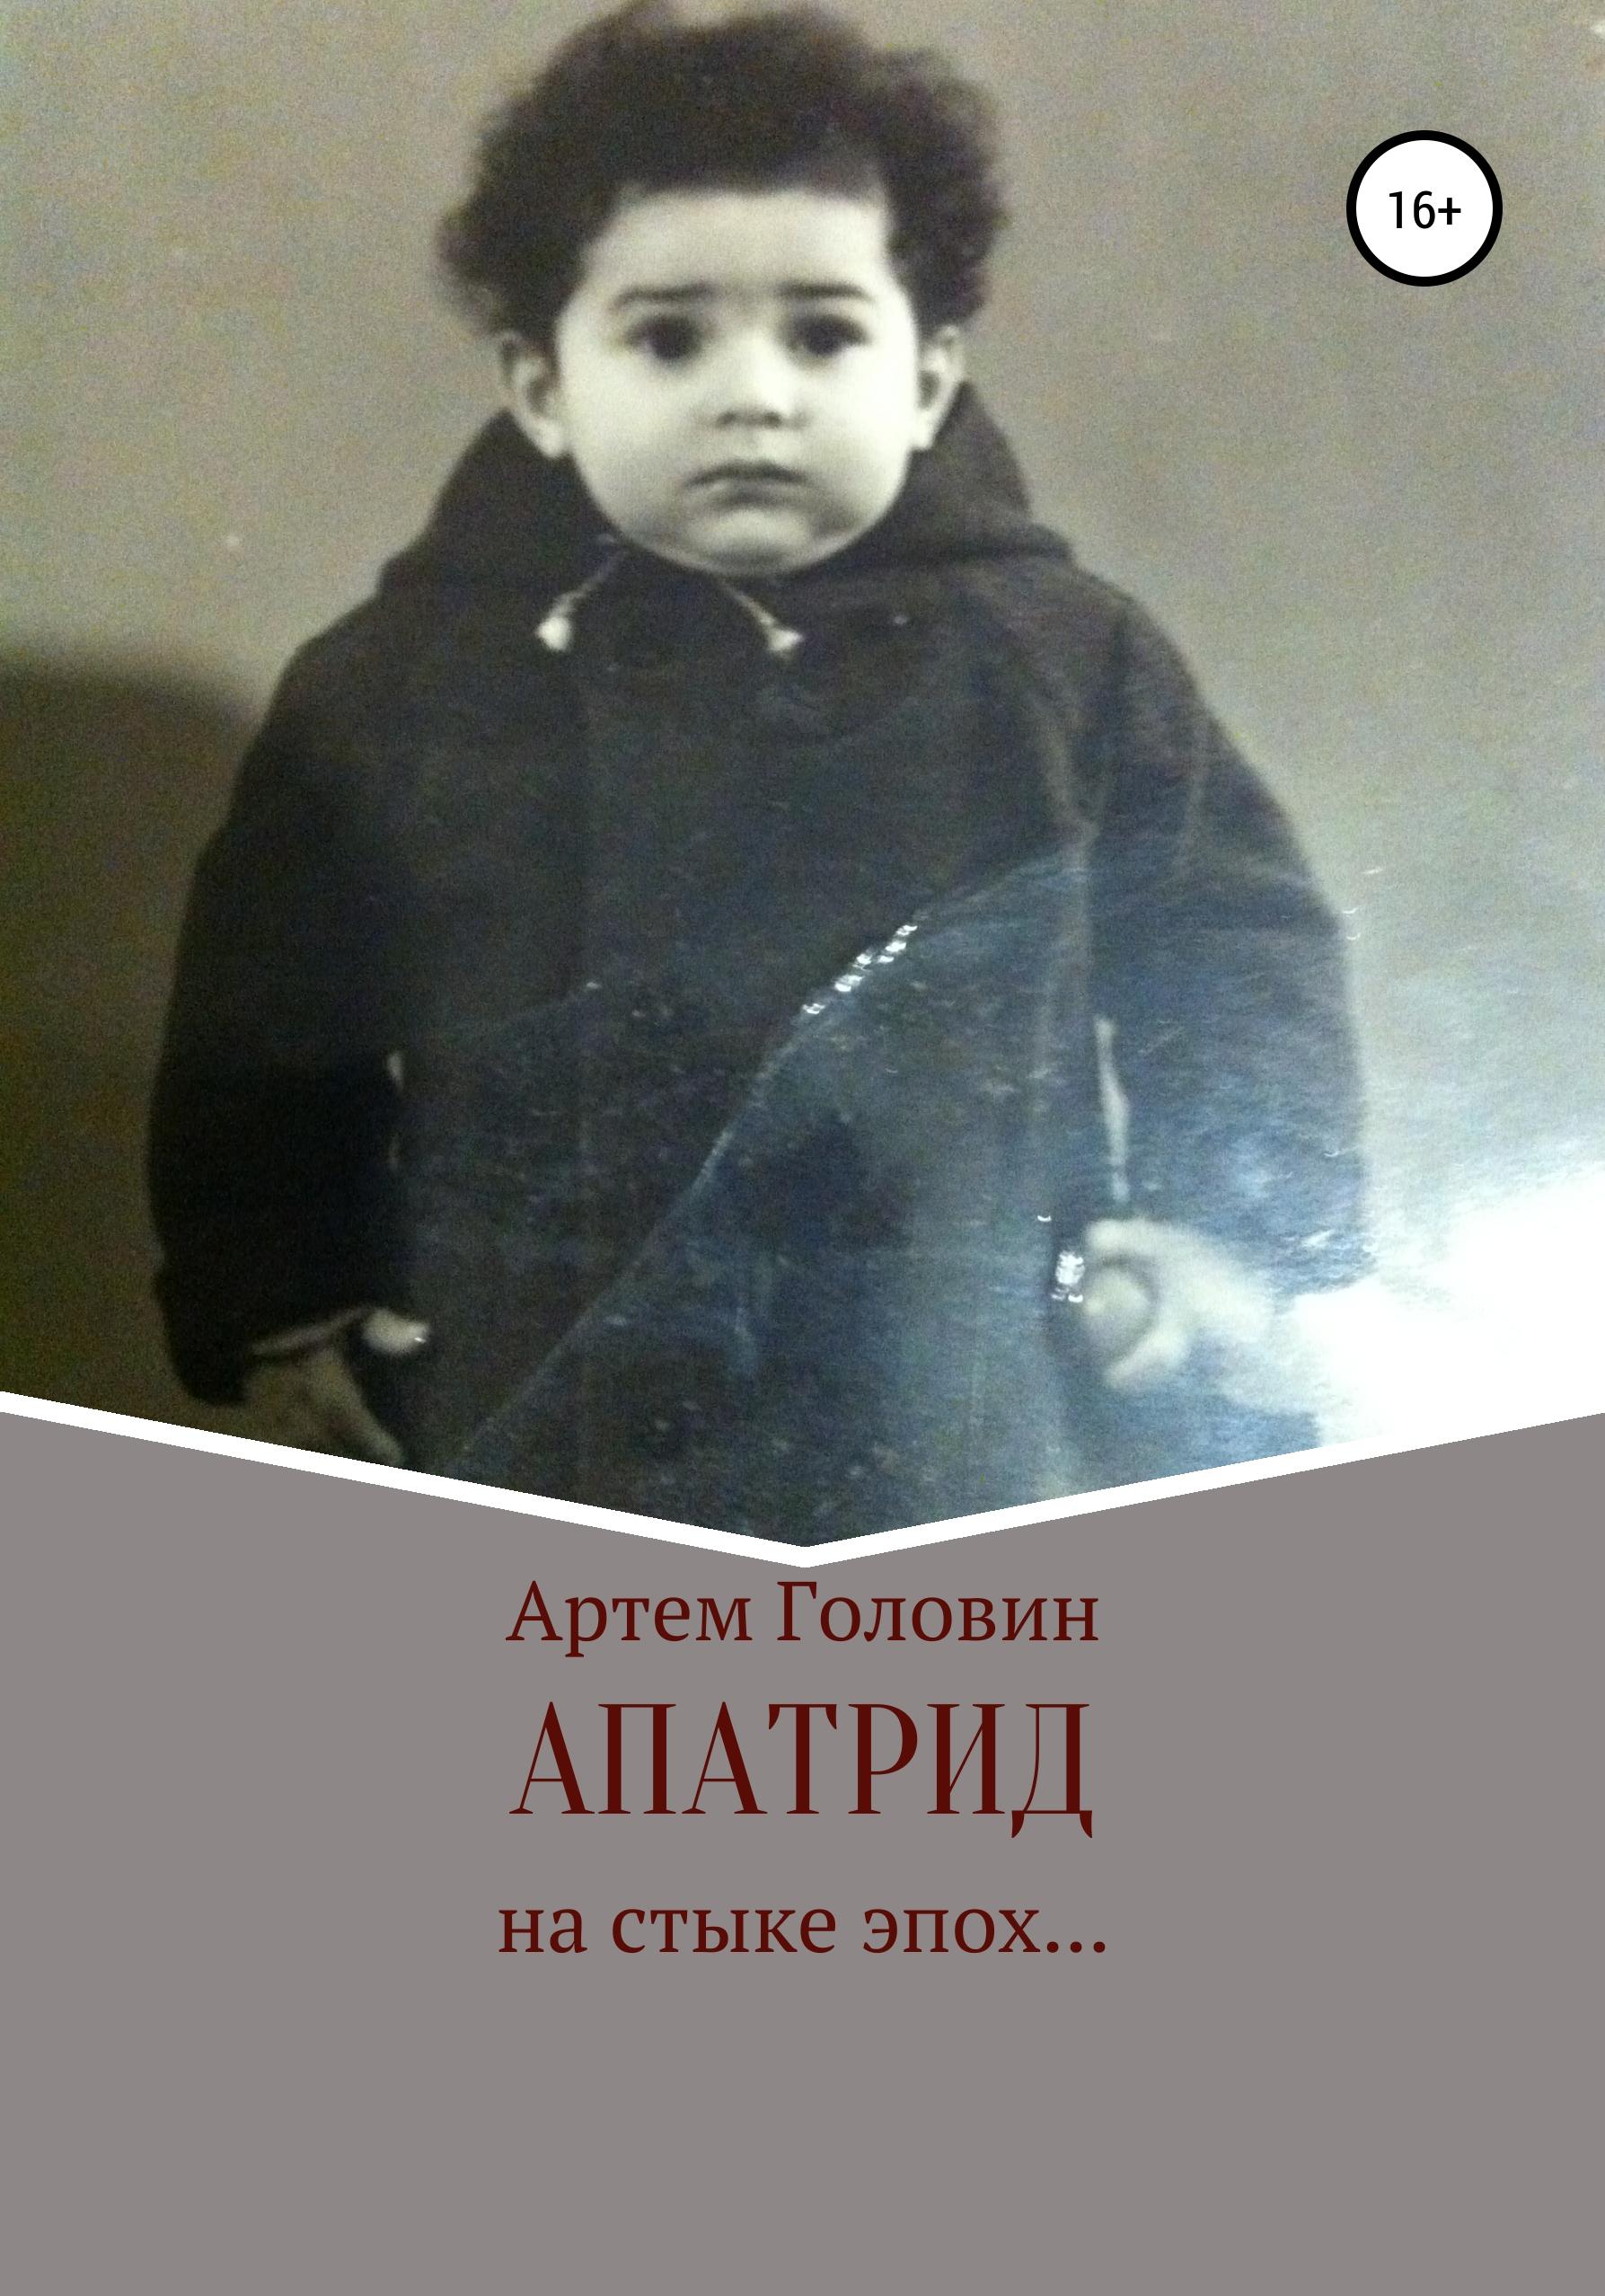 Апатрид